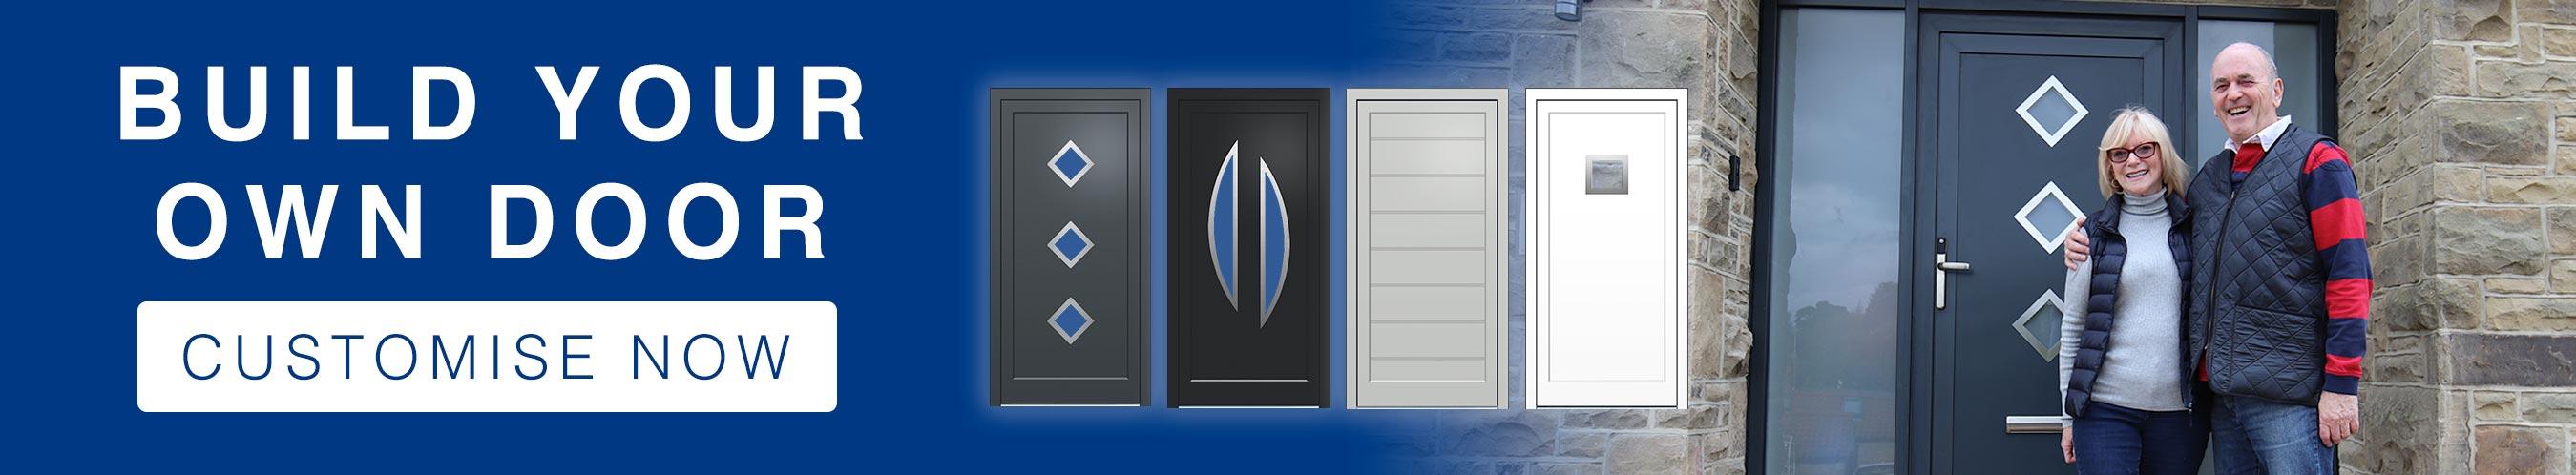 Door Builder